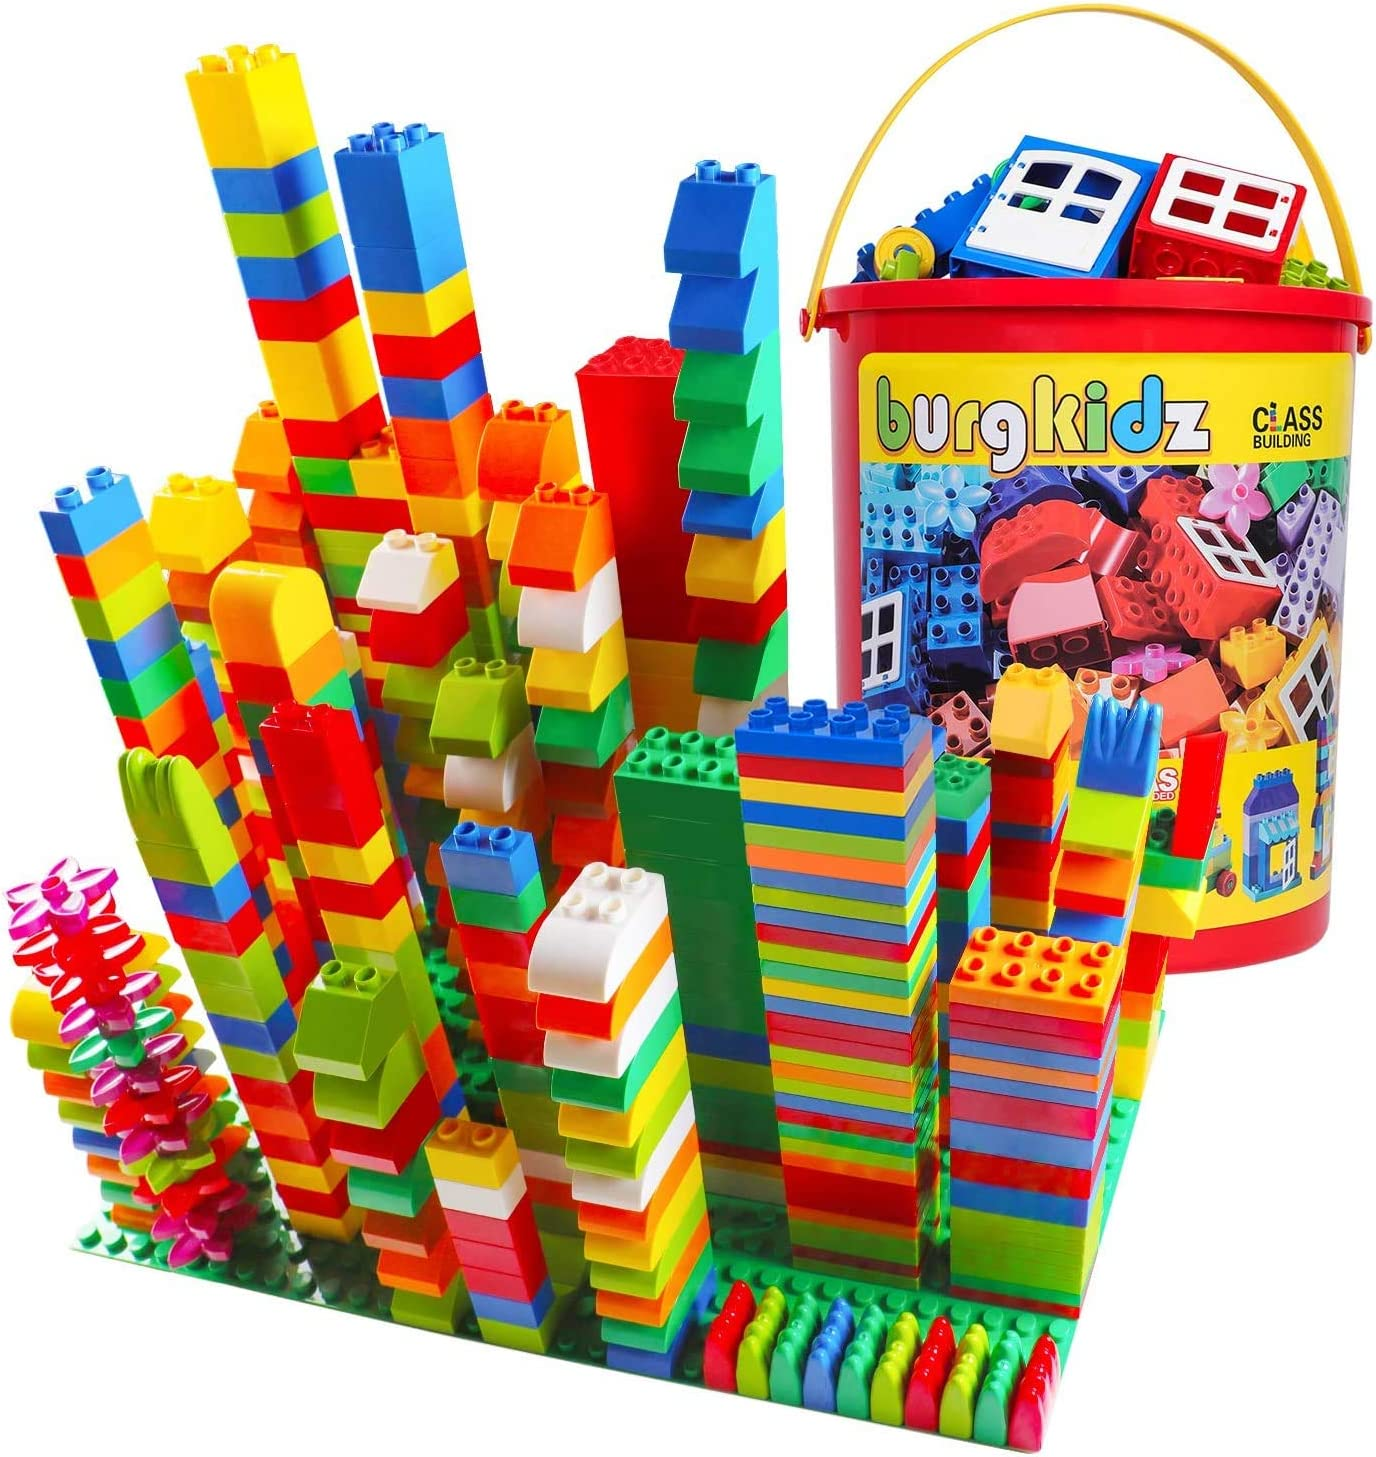 burgkidz Juegos de Bloques de Construcción, 214 Piezas de Juguetes Educativos para Niños Pequeños Ladrillos Creativos, 13 Formas Divertidas y Ladrillos de Plástico a Granel para Todas Las Edades